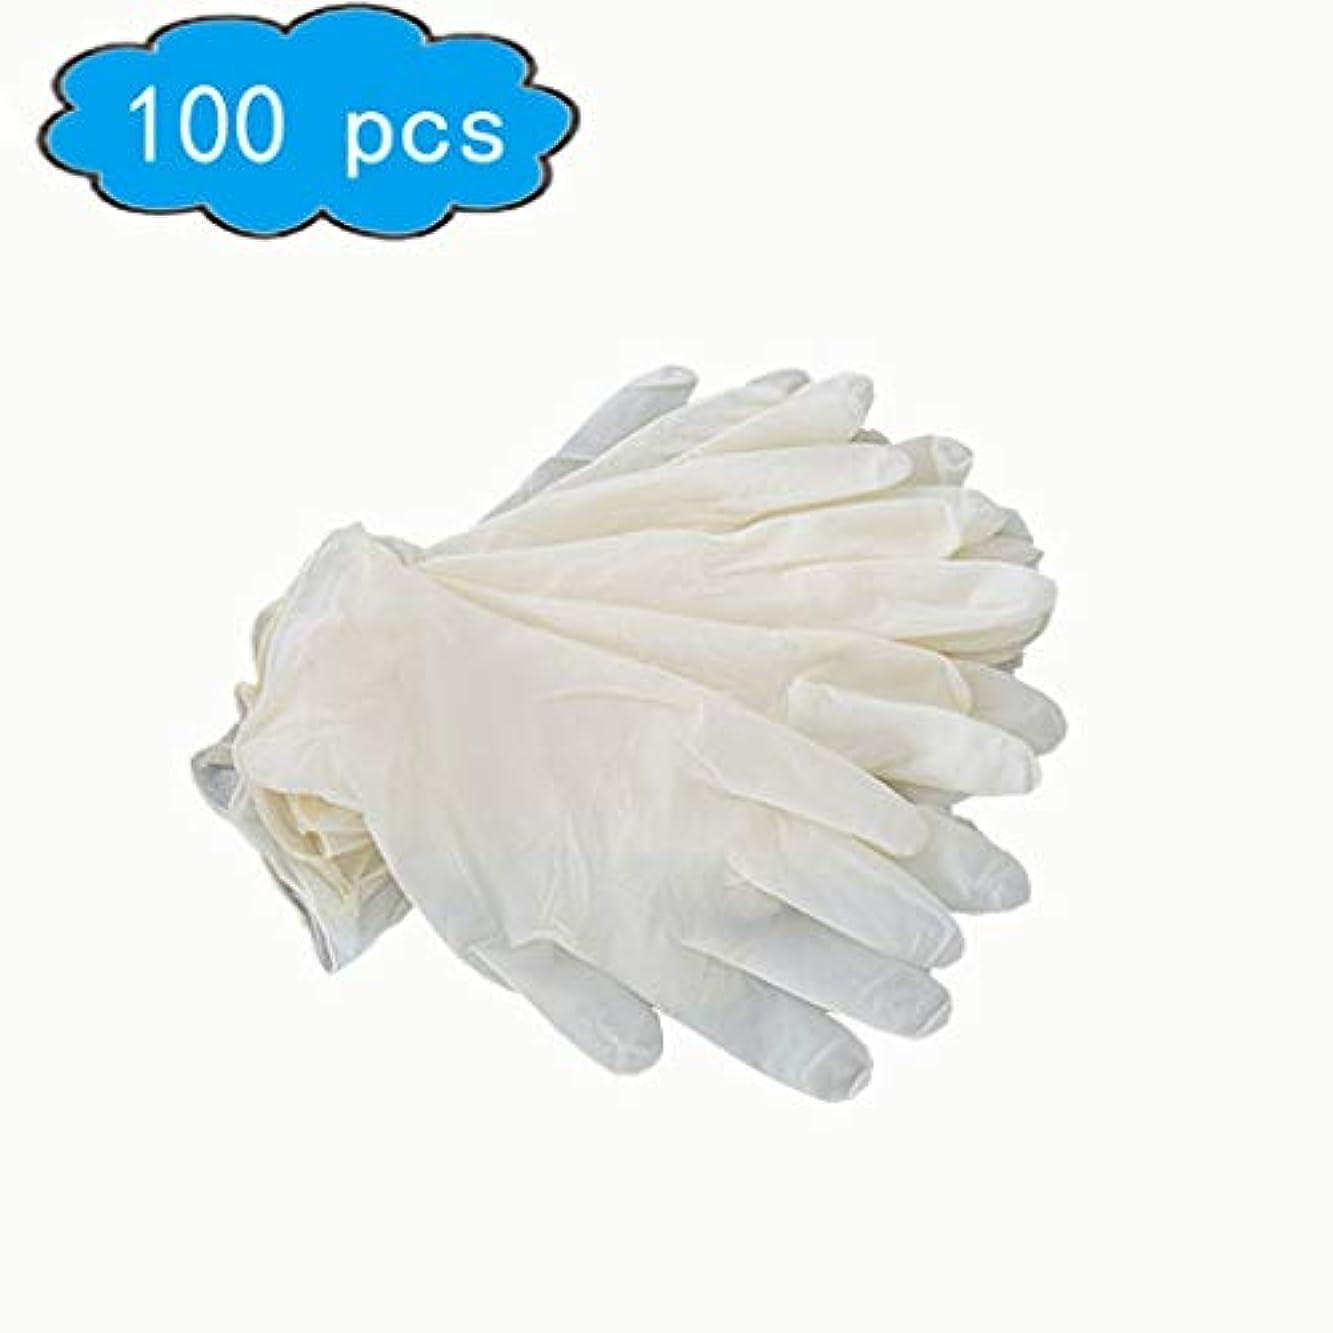 状アプライアンス王朝ラテックスゴム手袋パウダーフリー/使い捨て食品調理用手袋/キッチンフードサービスクリーニンググローブサイズ中型、100個入り、応急処置用品 (Color : Beige, Size : L)